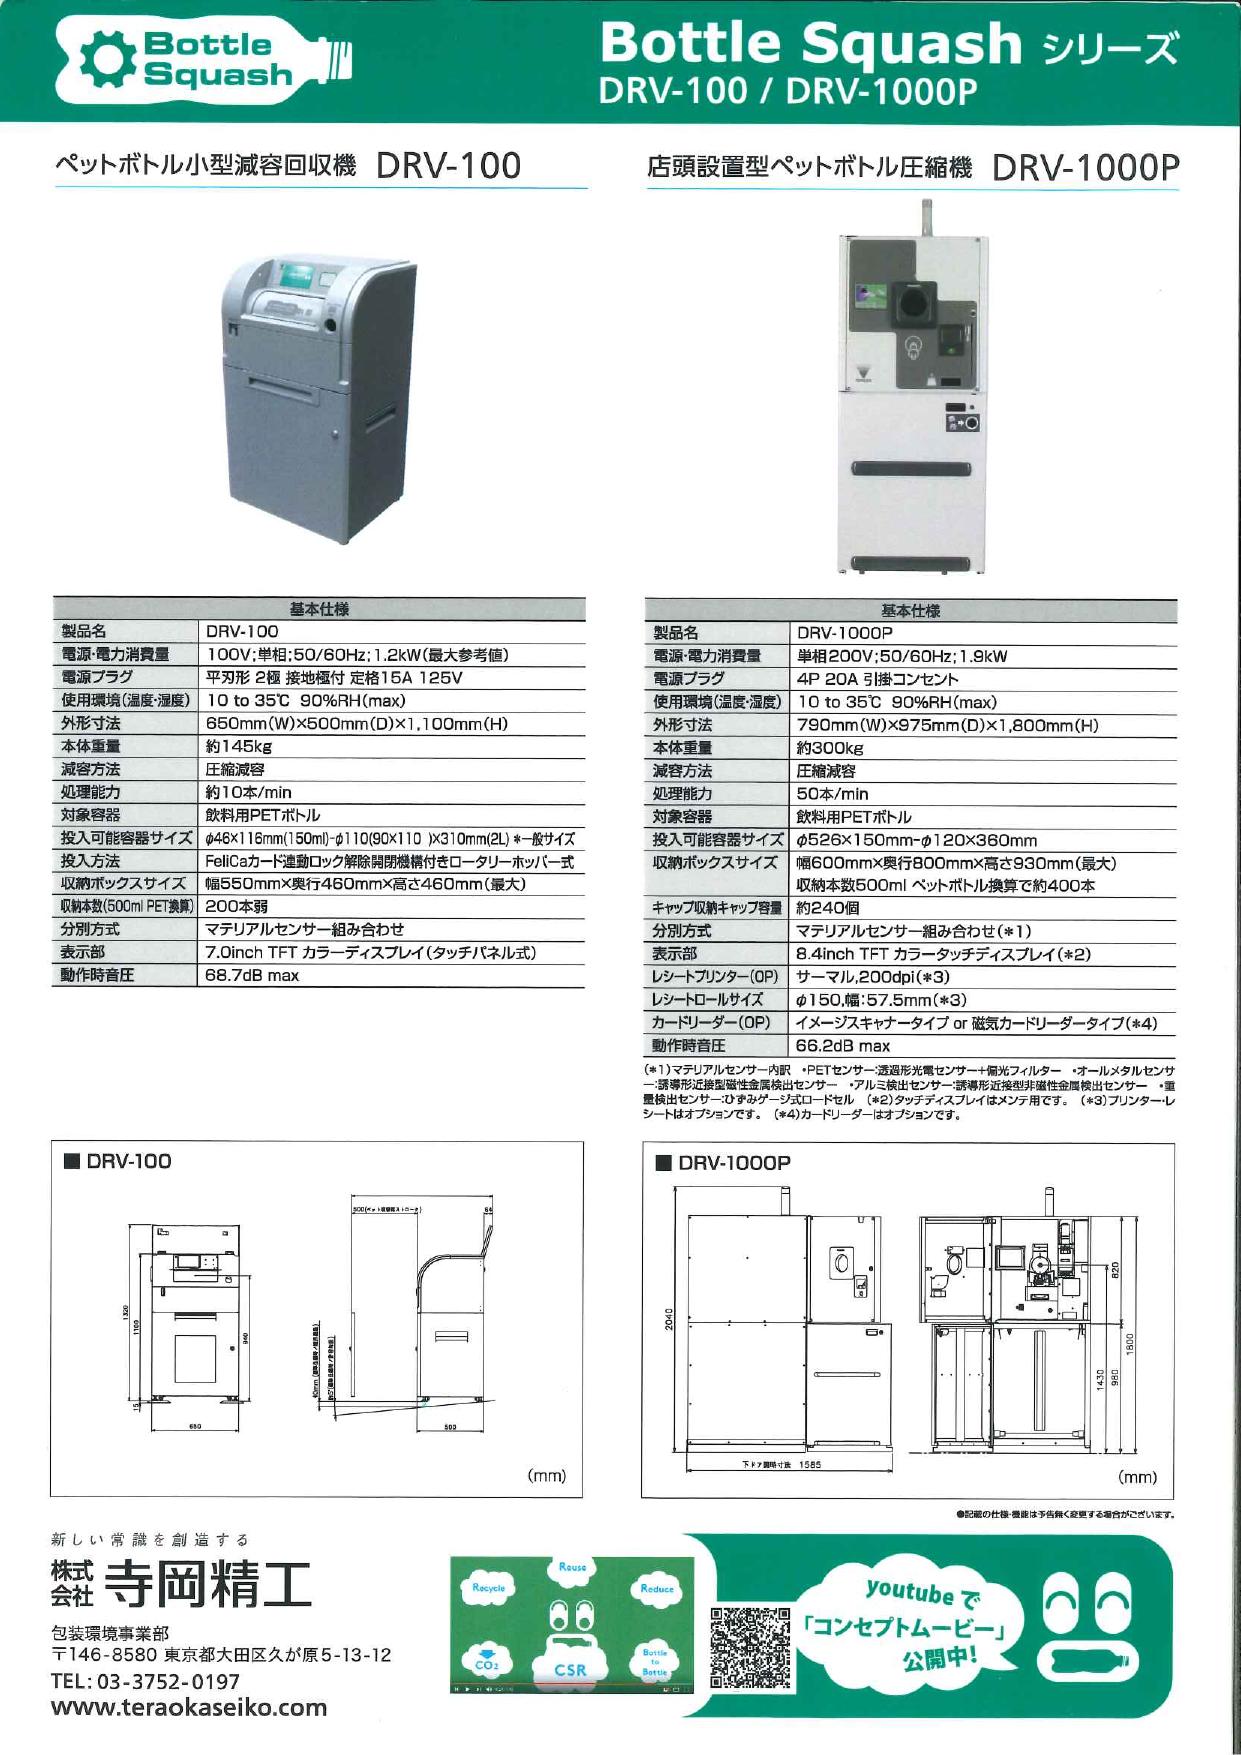 飲料容器自動回収機 Bottle Squash  DRV-100/DRV-1000P